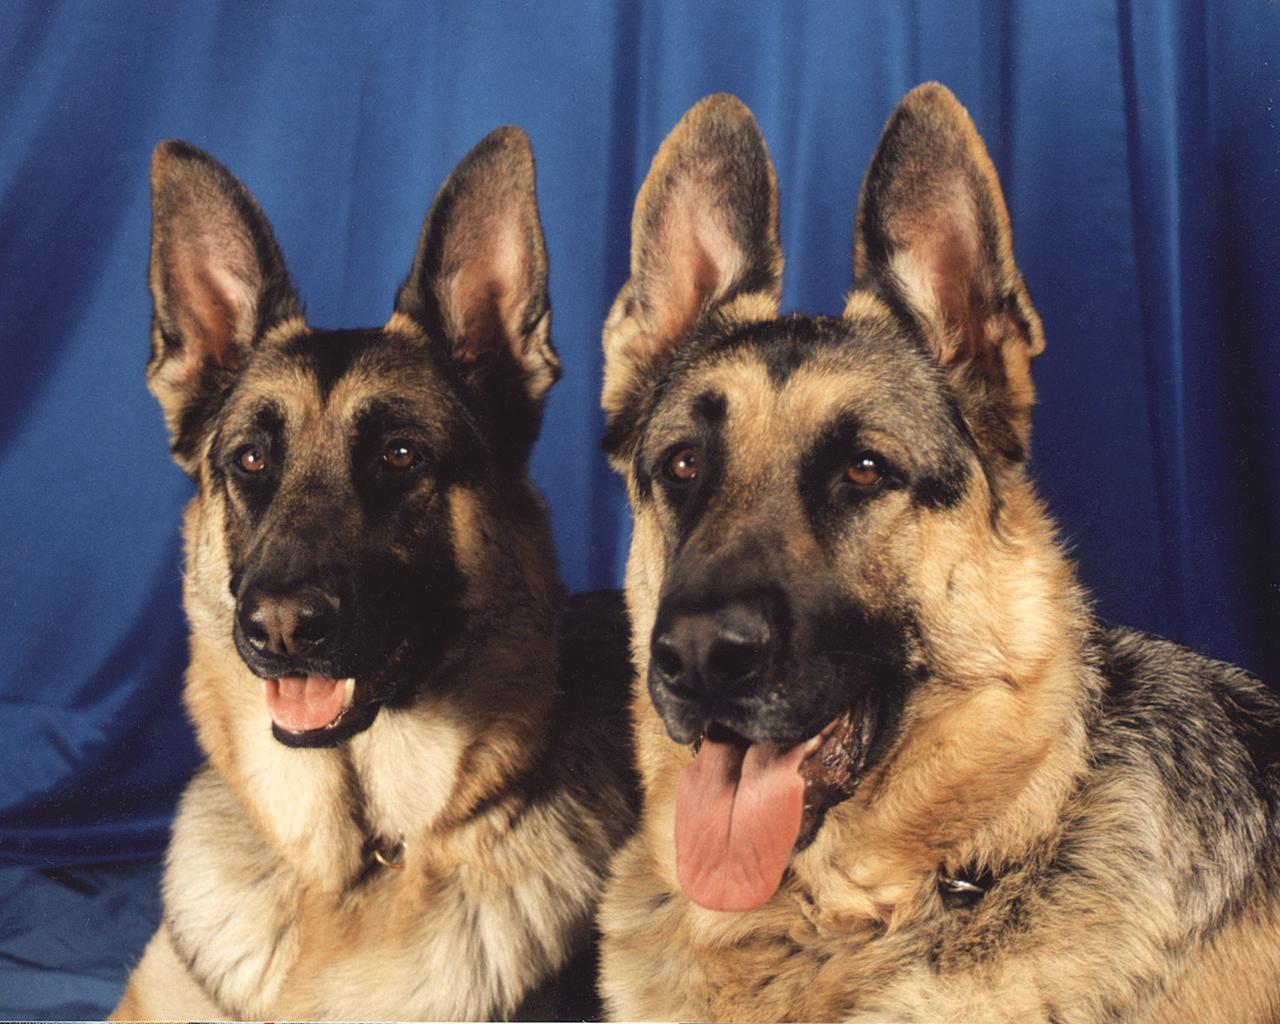 German Shepherd dogs wallpaper